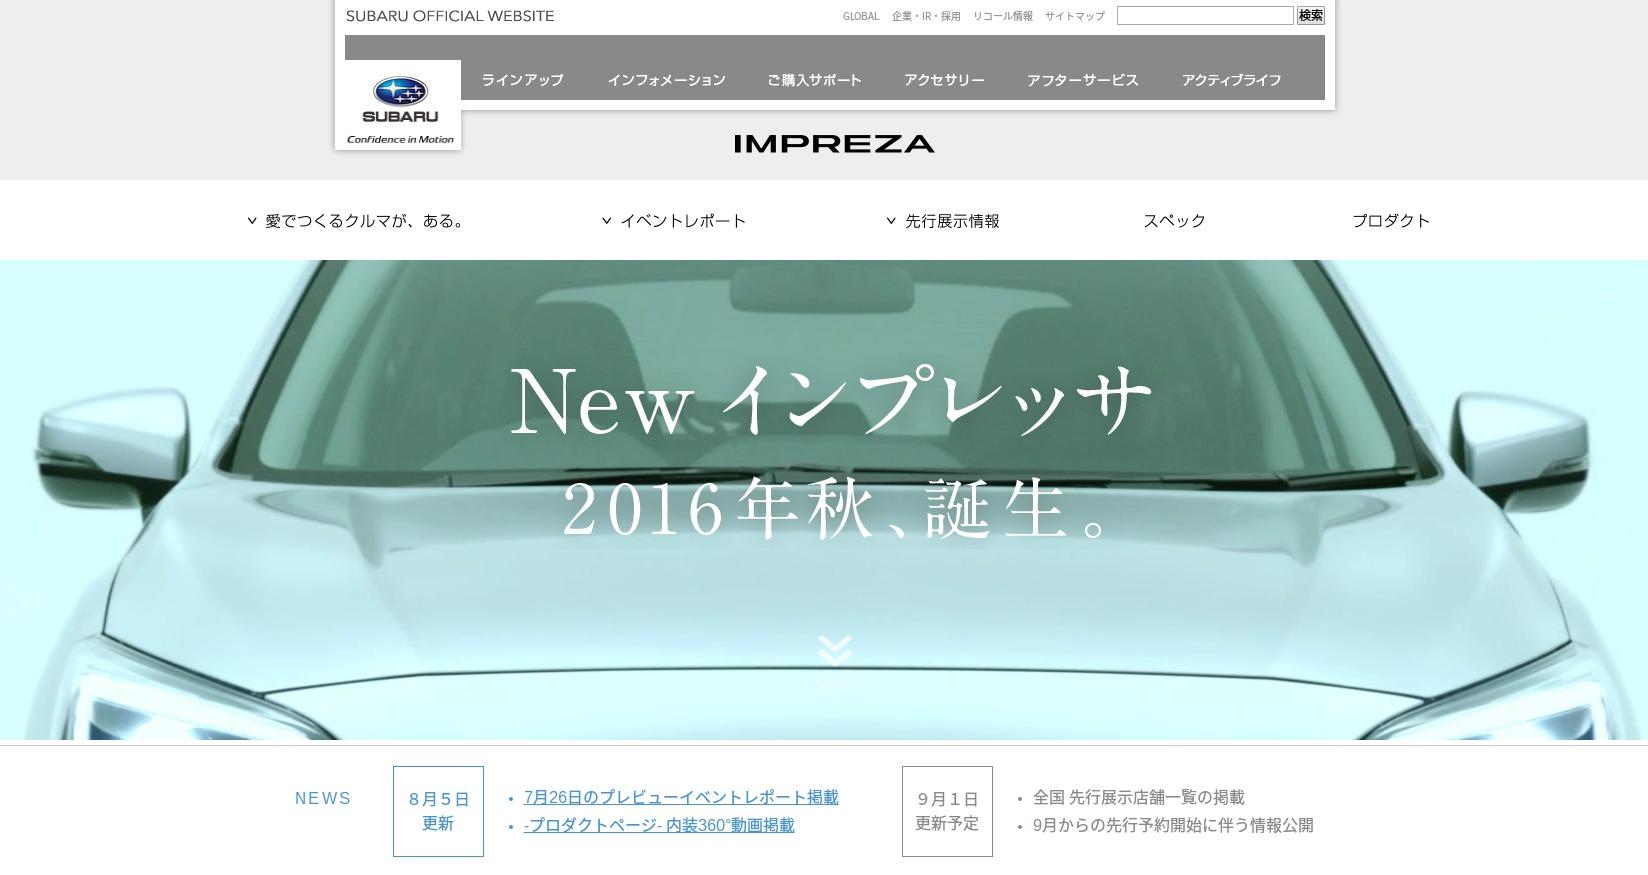 新型インプレッサ ティーザーサイト|SUBARU